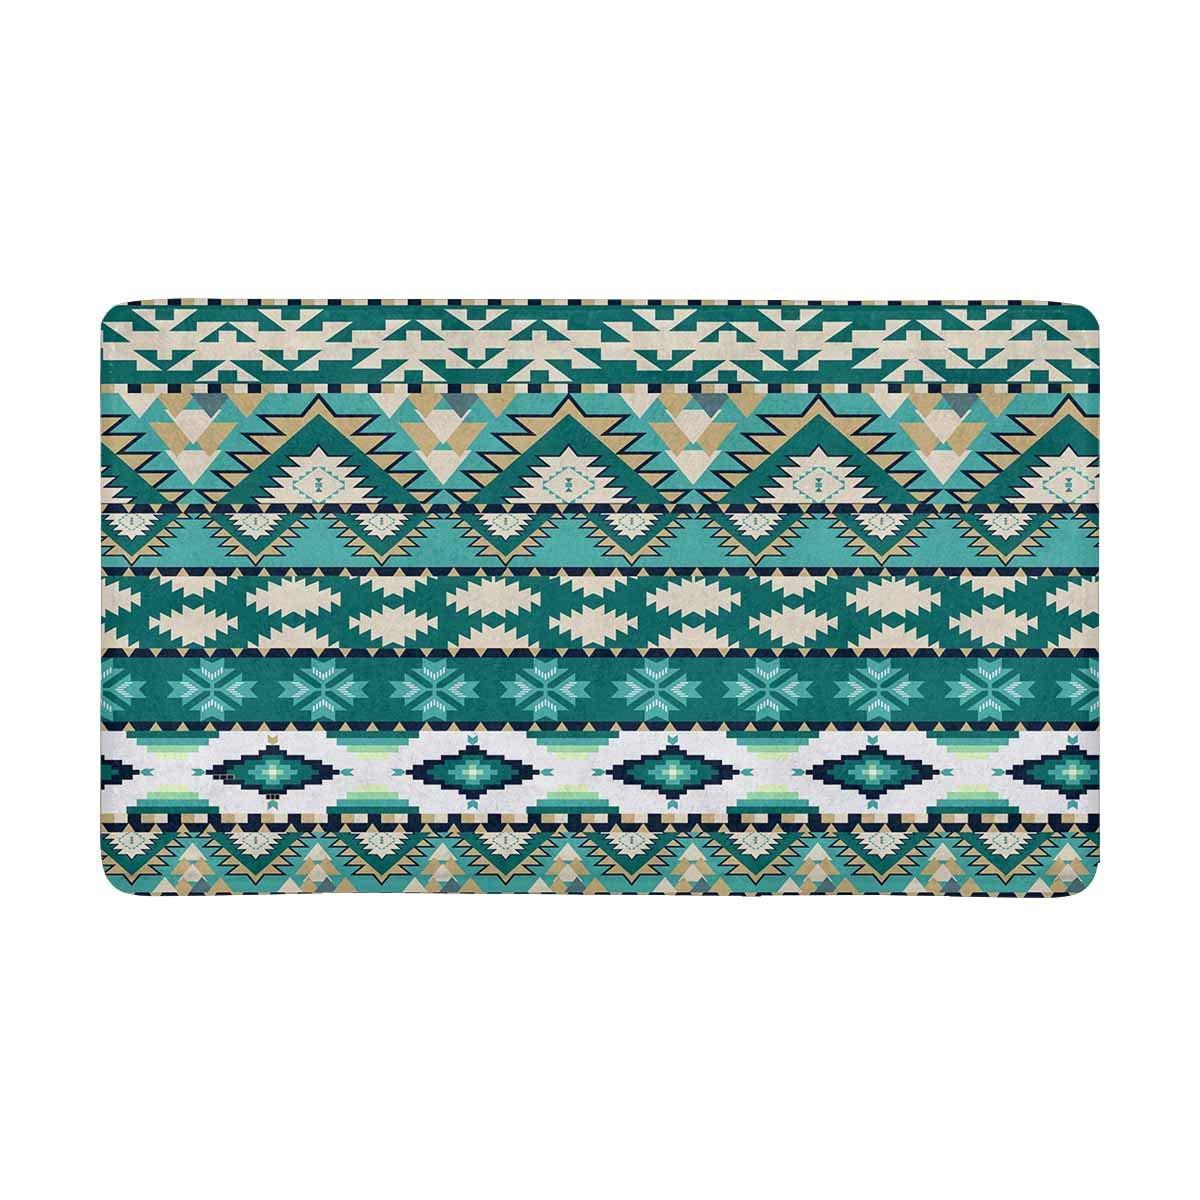 Diseño continuo Aztecs, Felpudo de Color frío, Felpudo de entrada antideslizante, felpudo, Felpudo de puerta interior/delantera, decoración del hogar, respaldo de goma